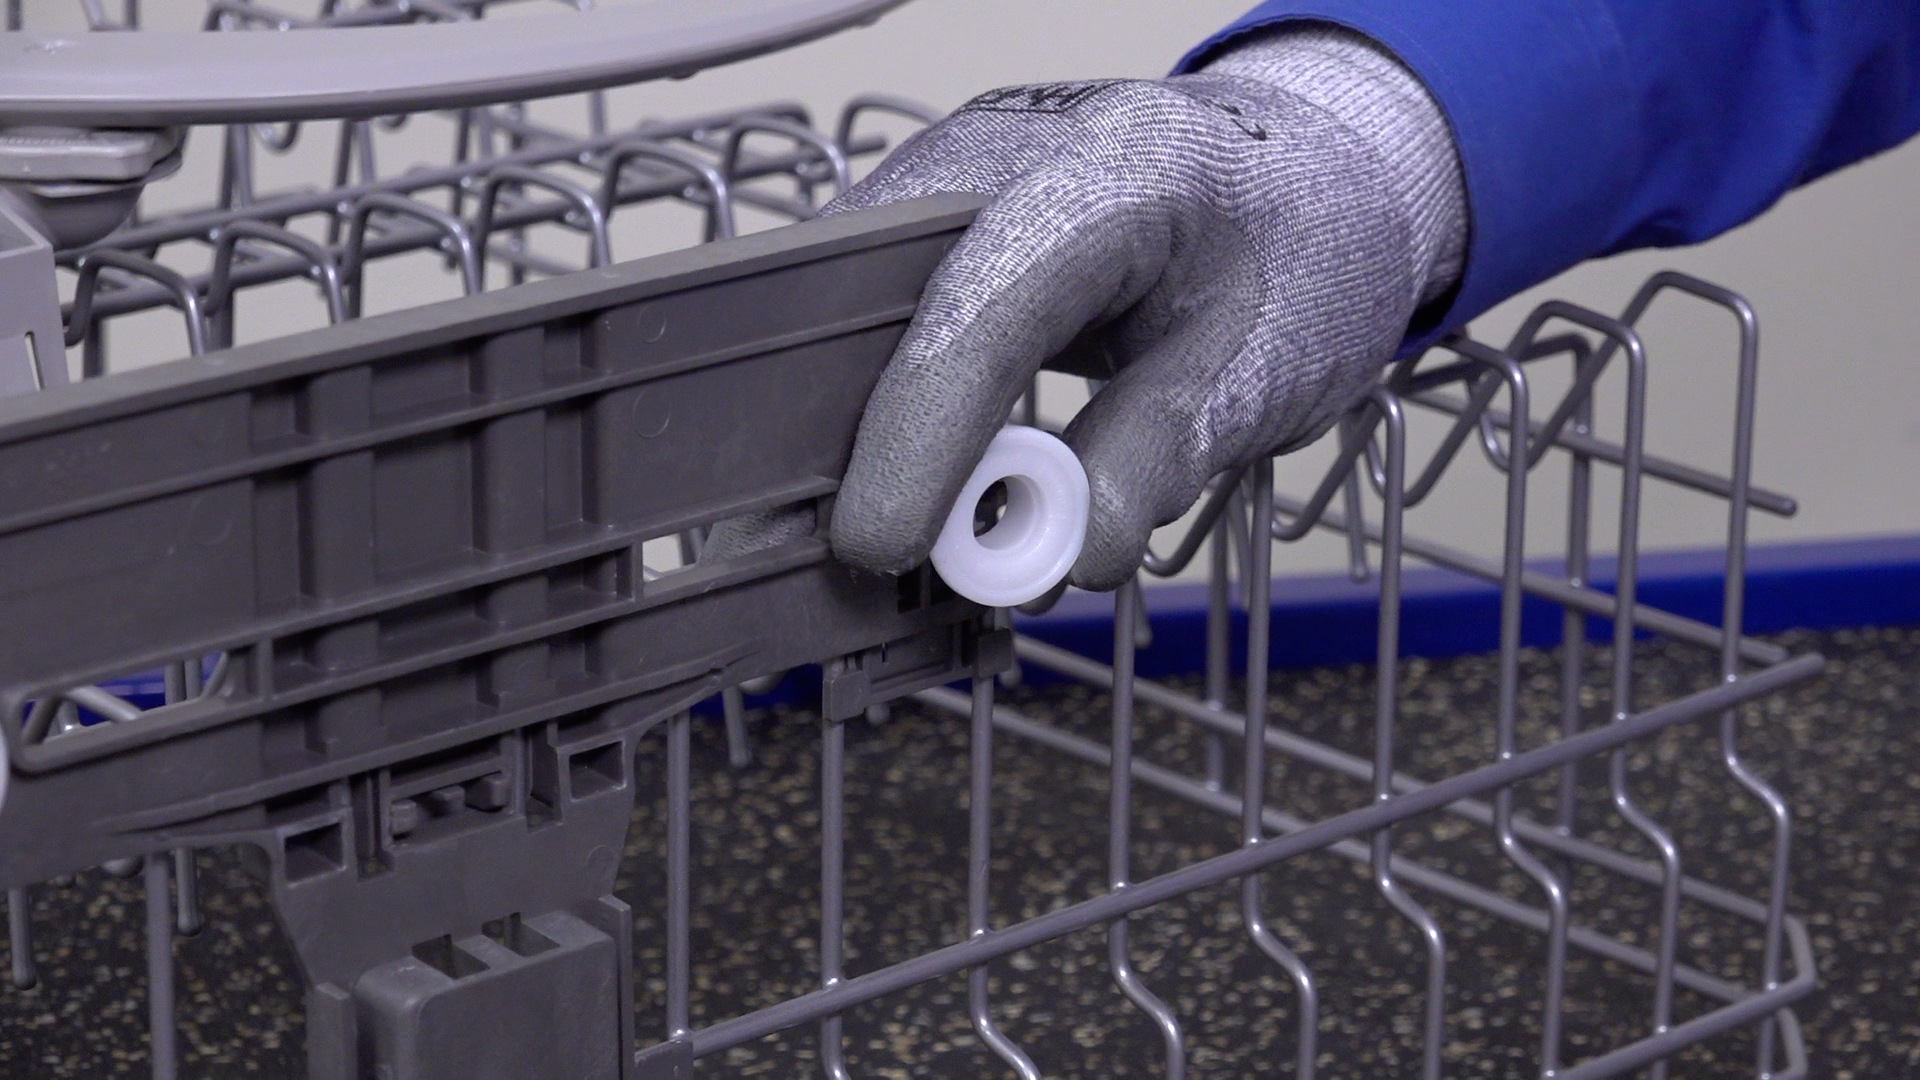 Common dishwasher problems - making loud or strange noises